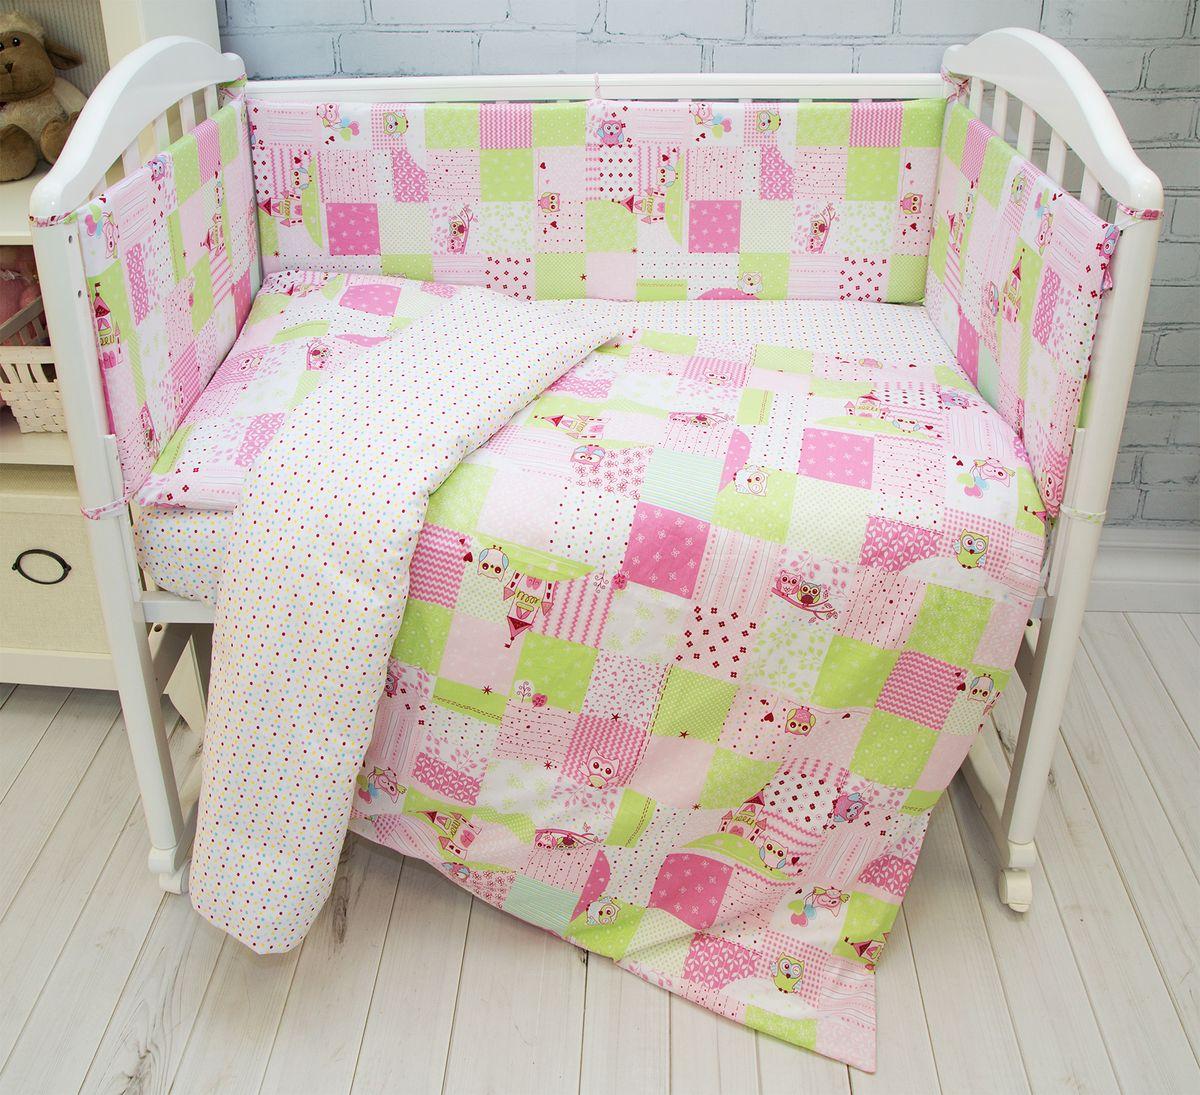 Споки Ноки Комплект постельного белья детский Совы цвет розовый